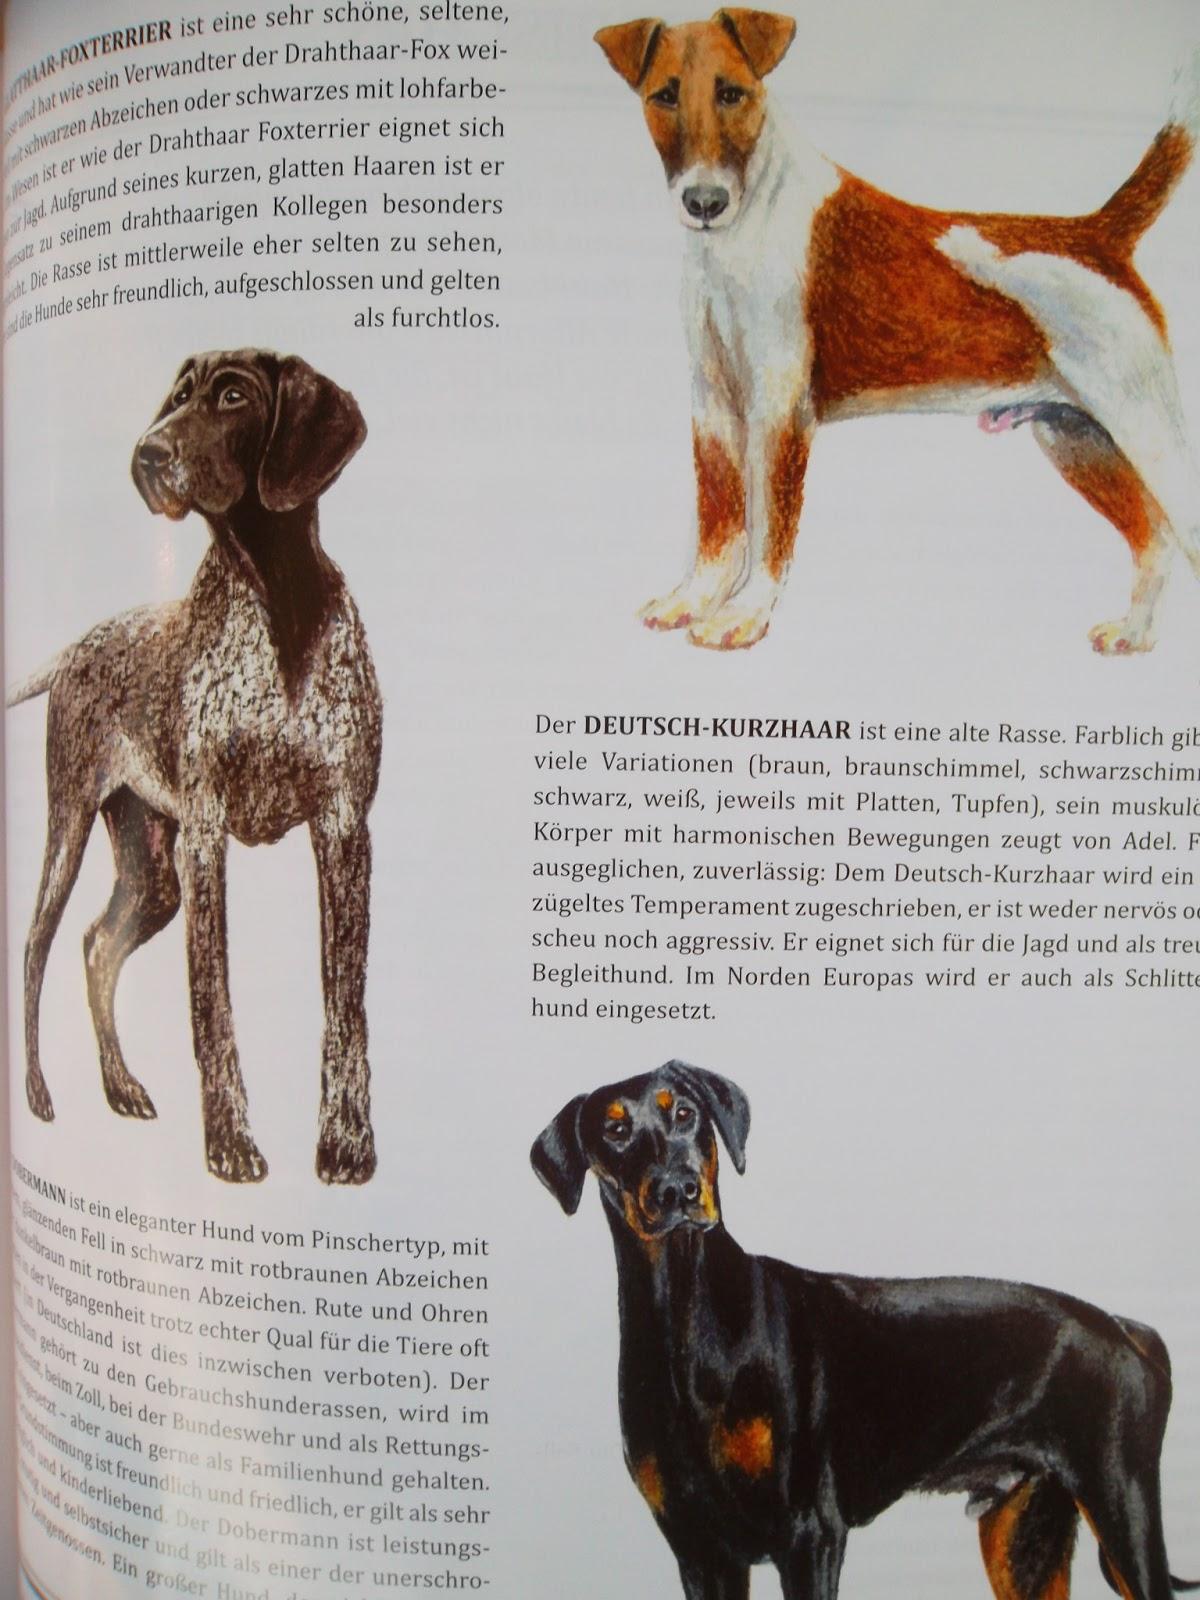 Honden. Uit The Heritage Post #4